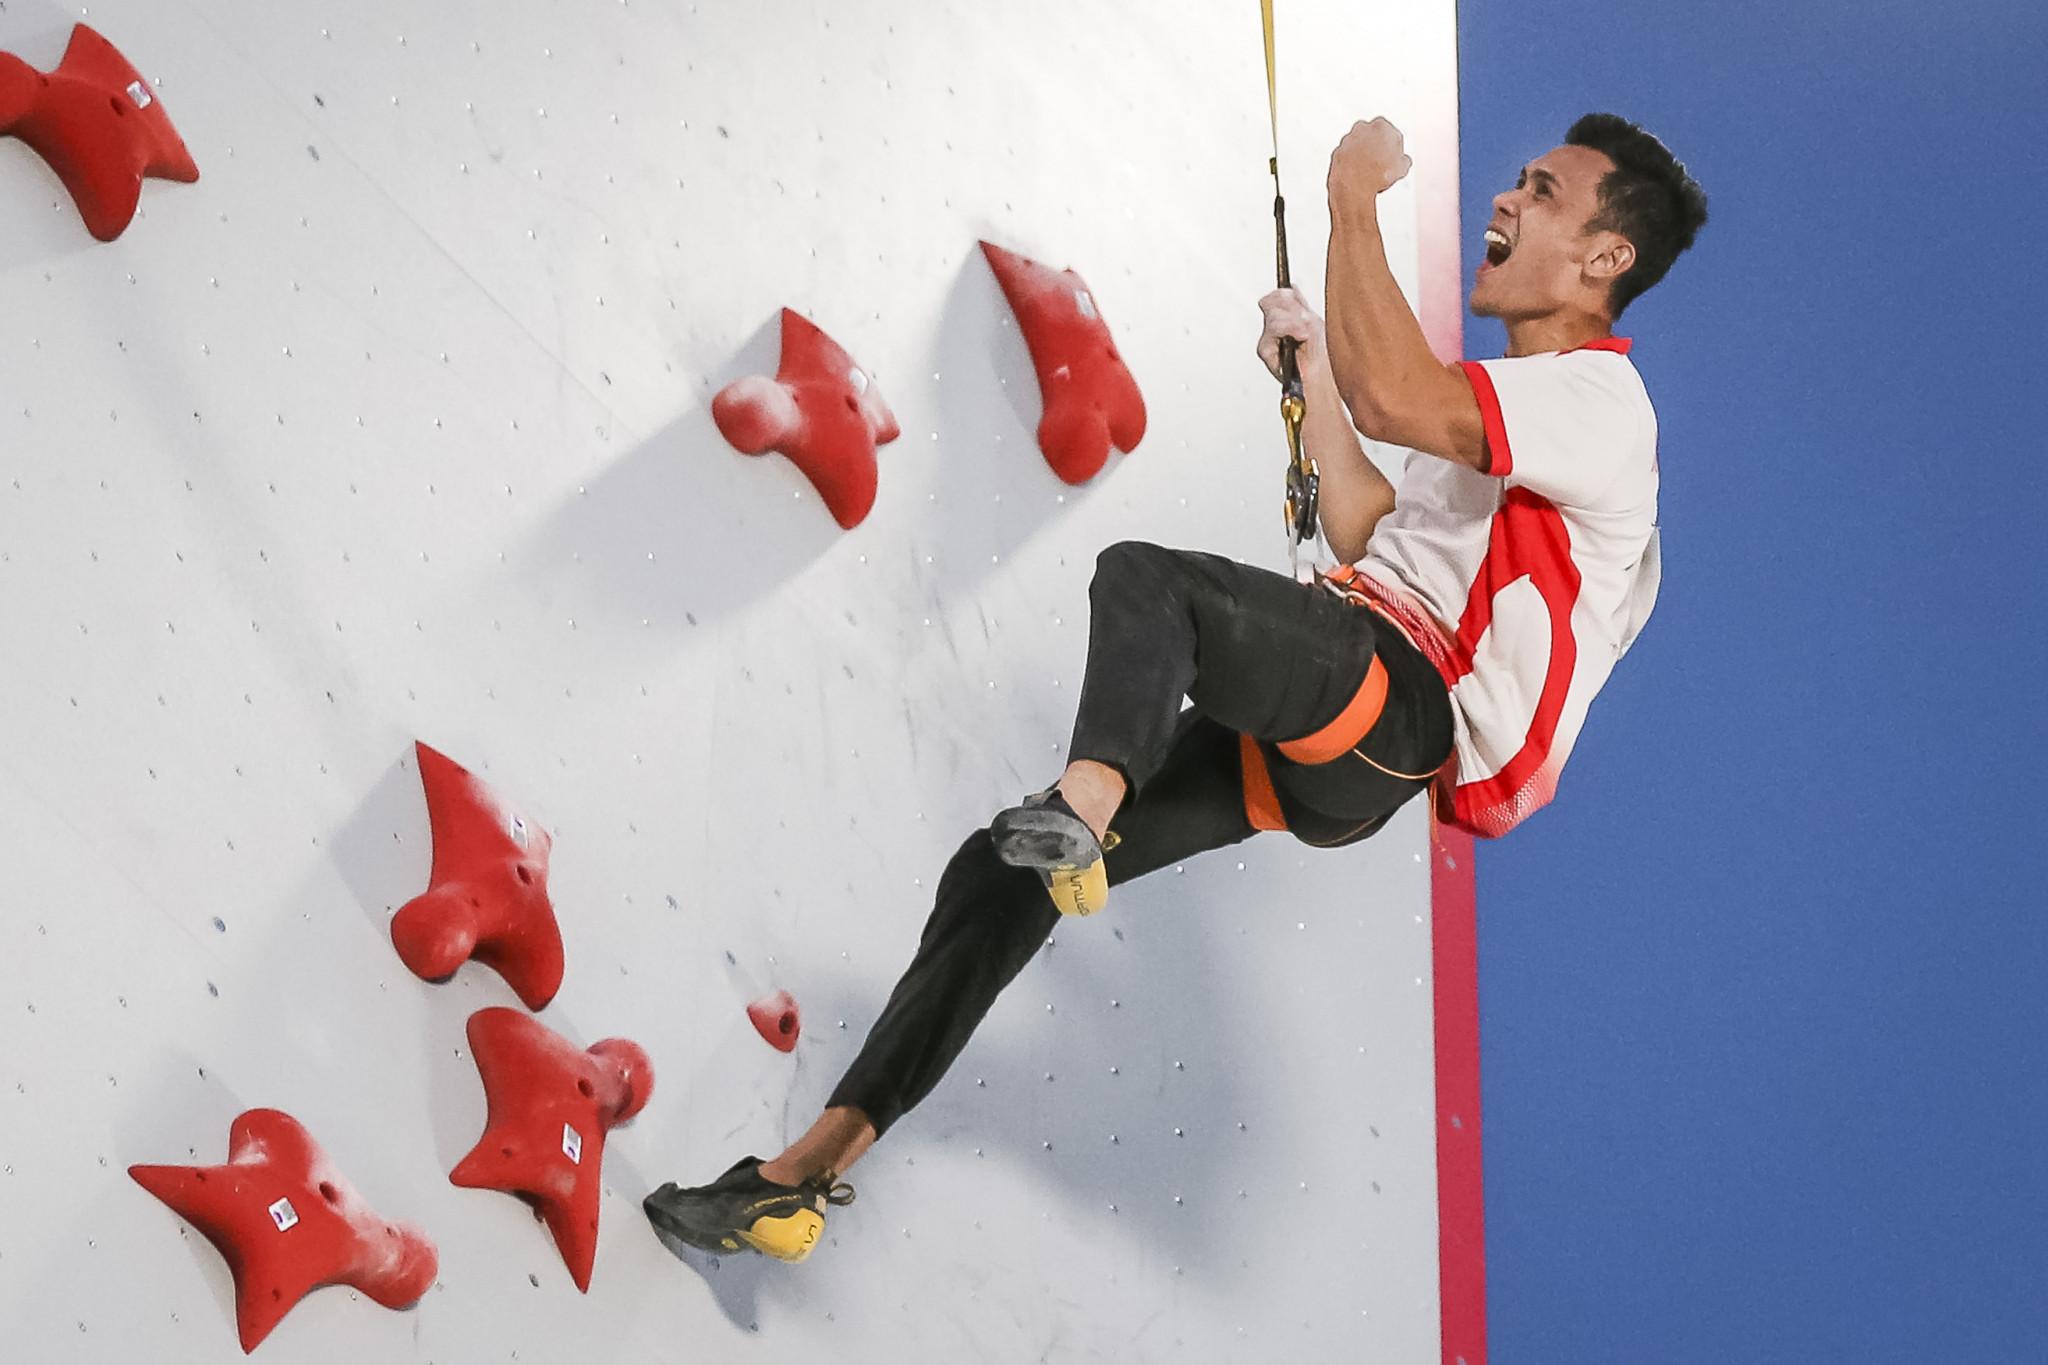 Leonardo breaks rival's men's speed record to win Salt Lake City IFSC World Cup